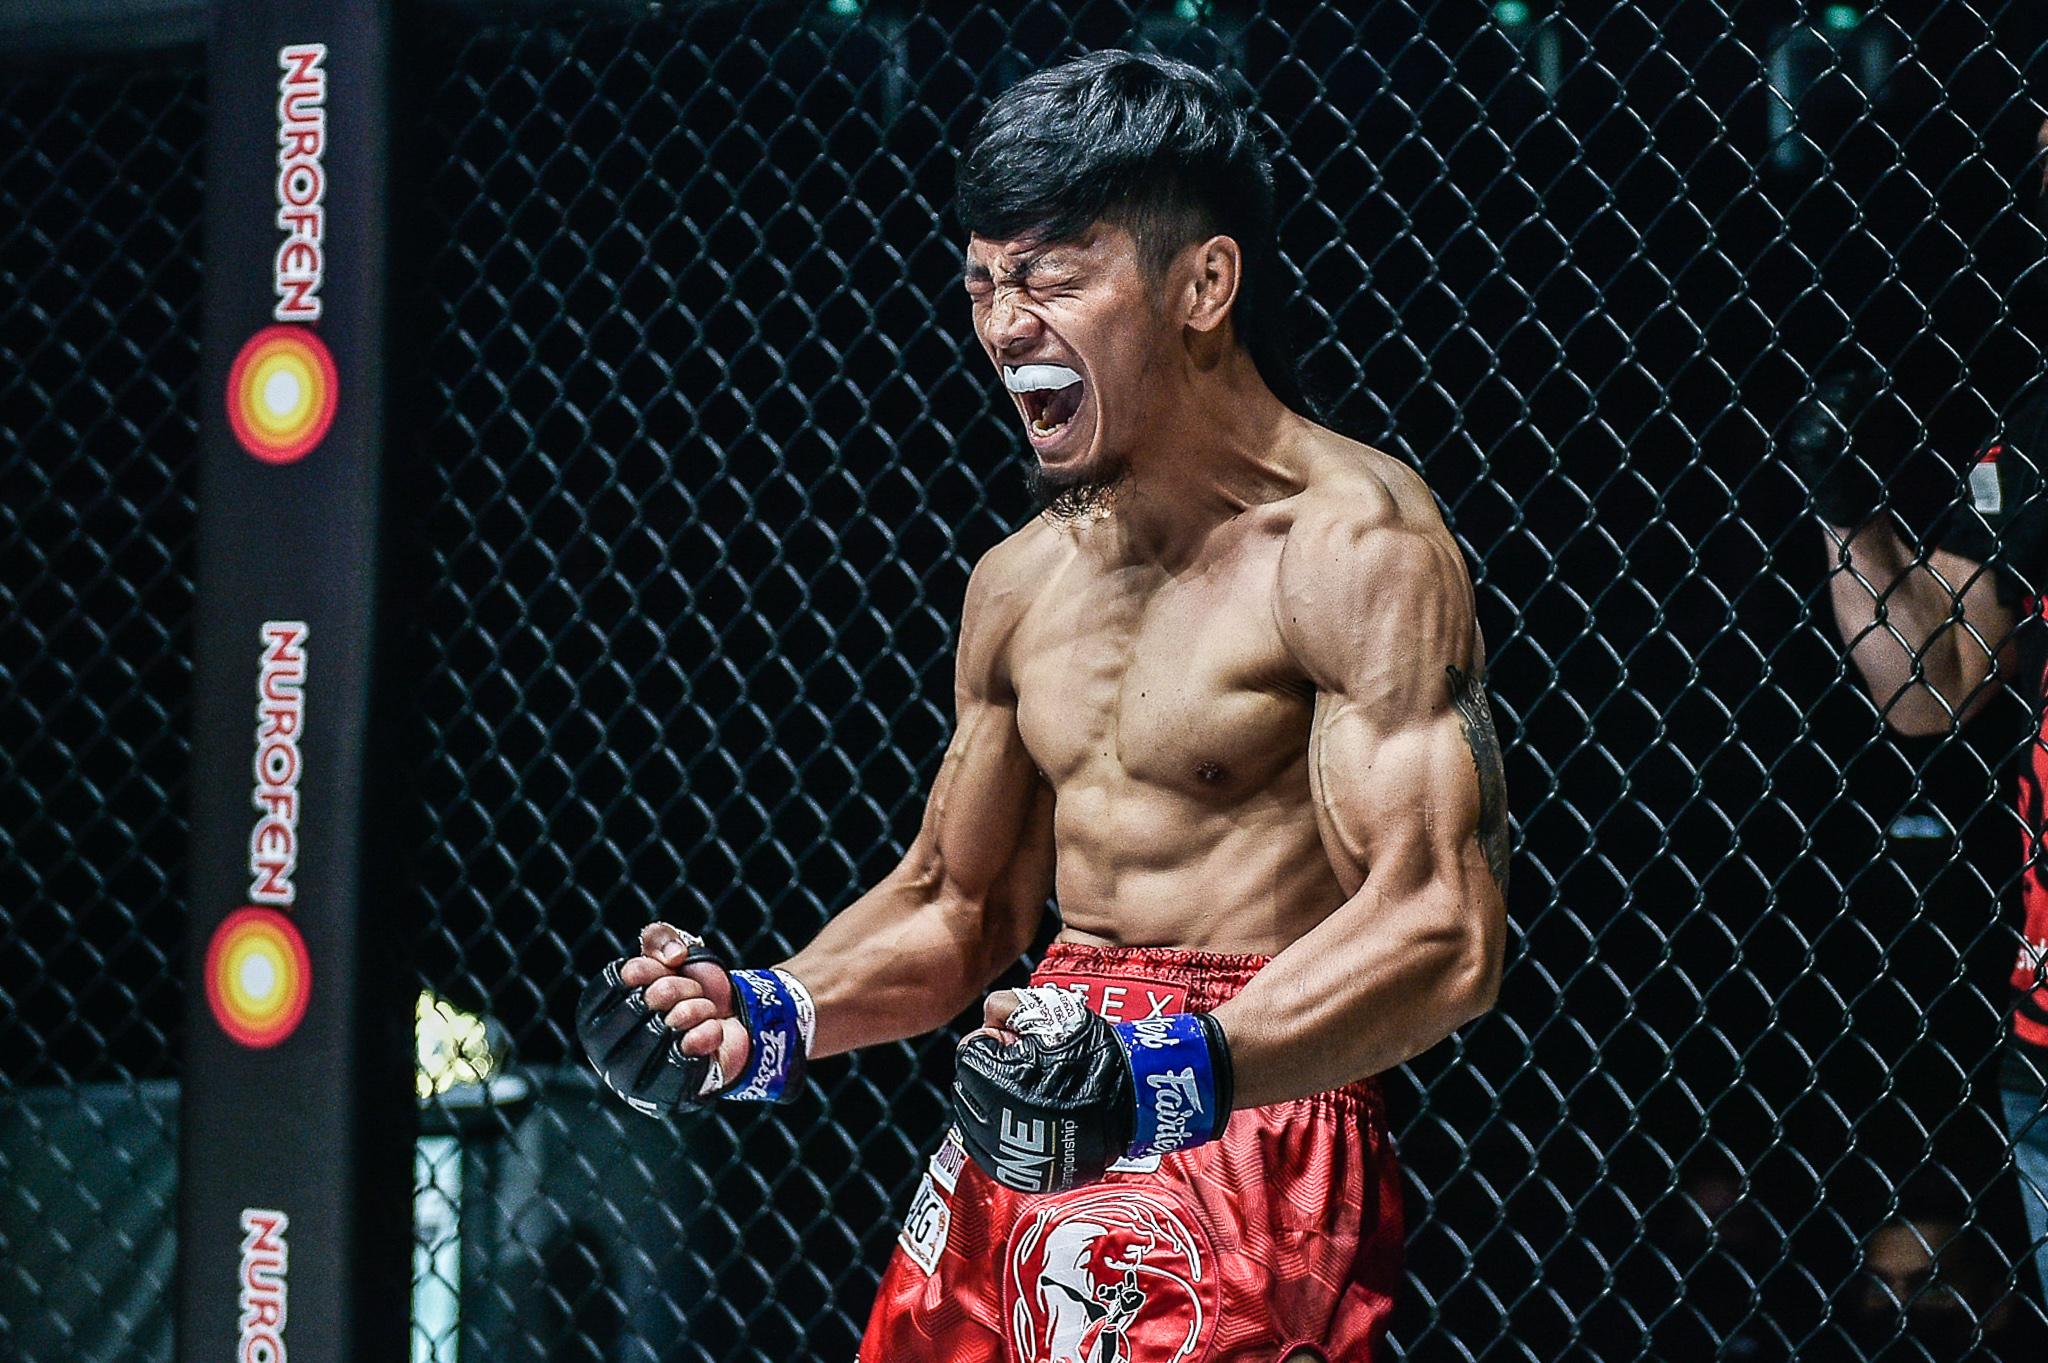 Adiwang promises best version of himself against Hexigetu